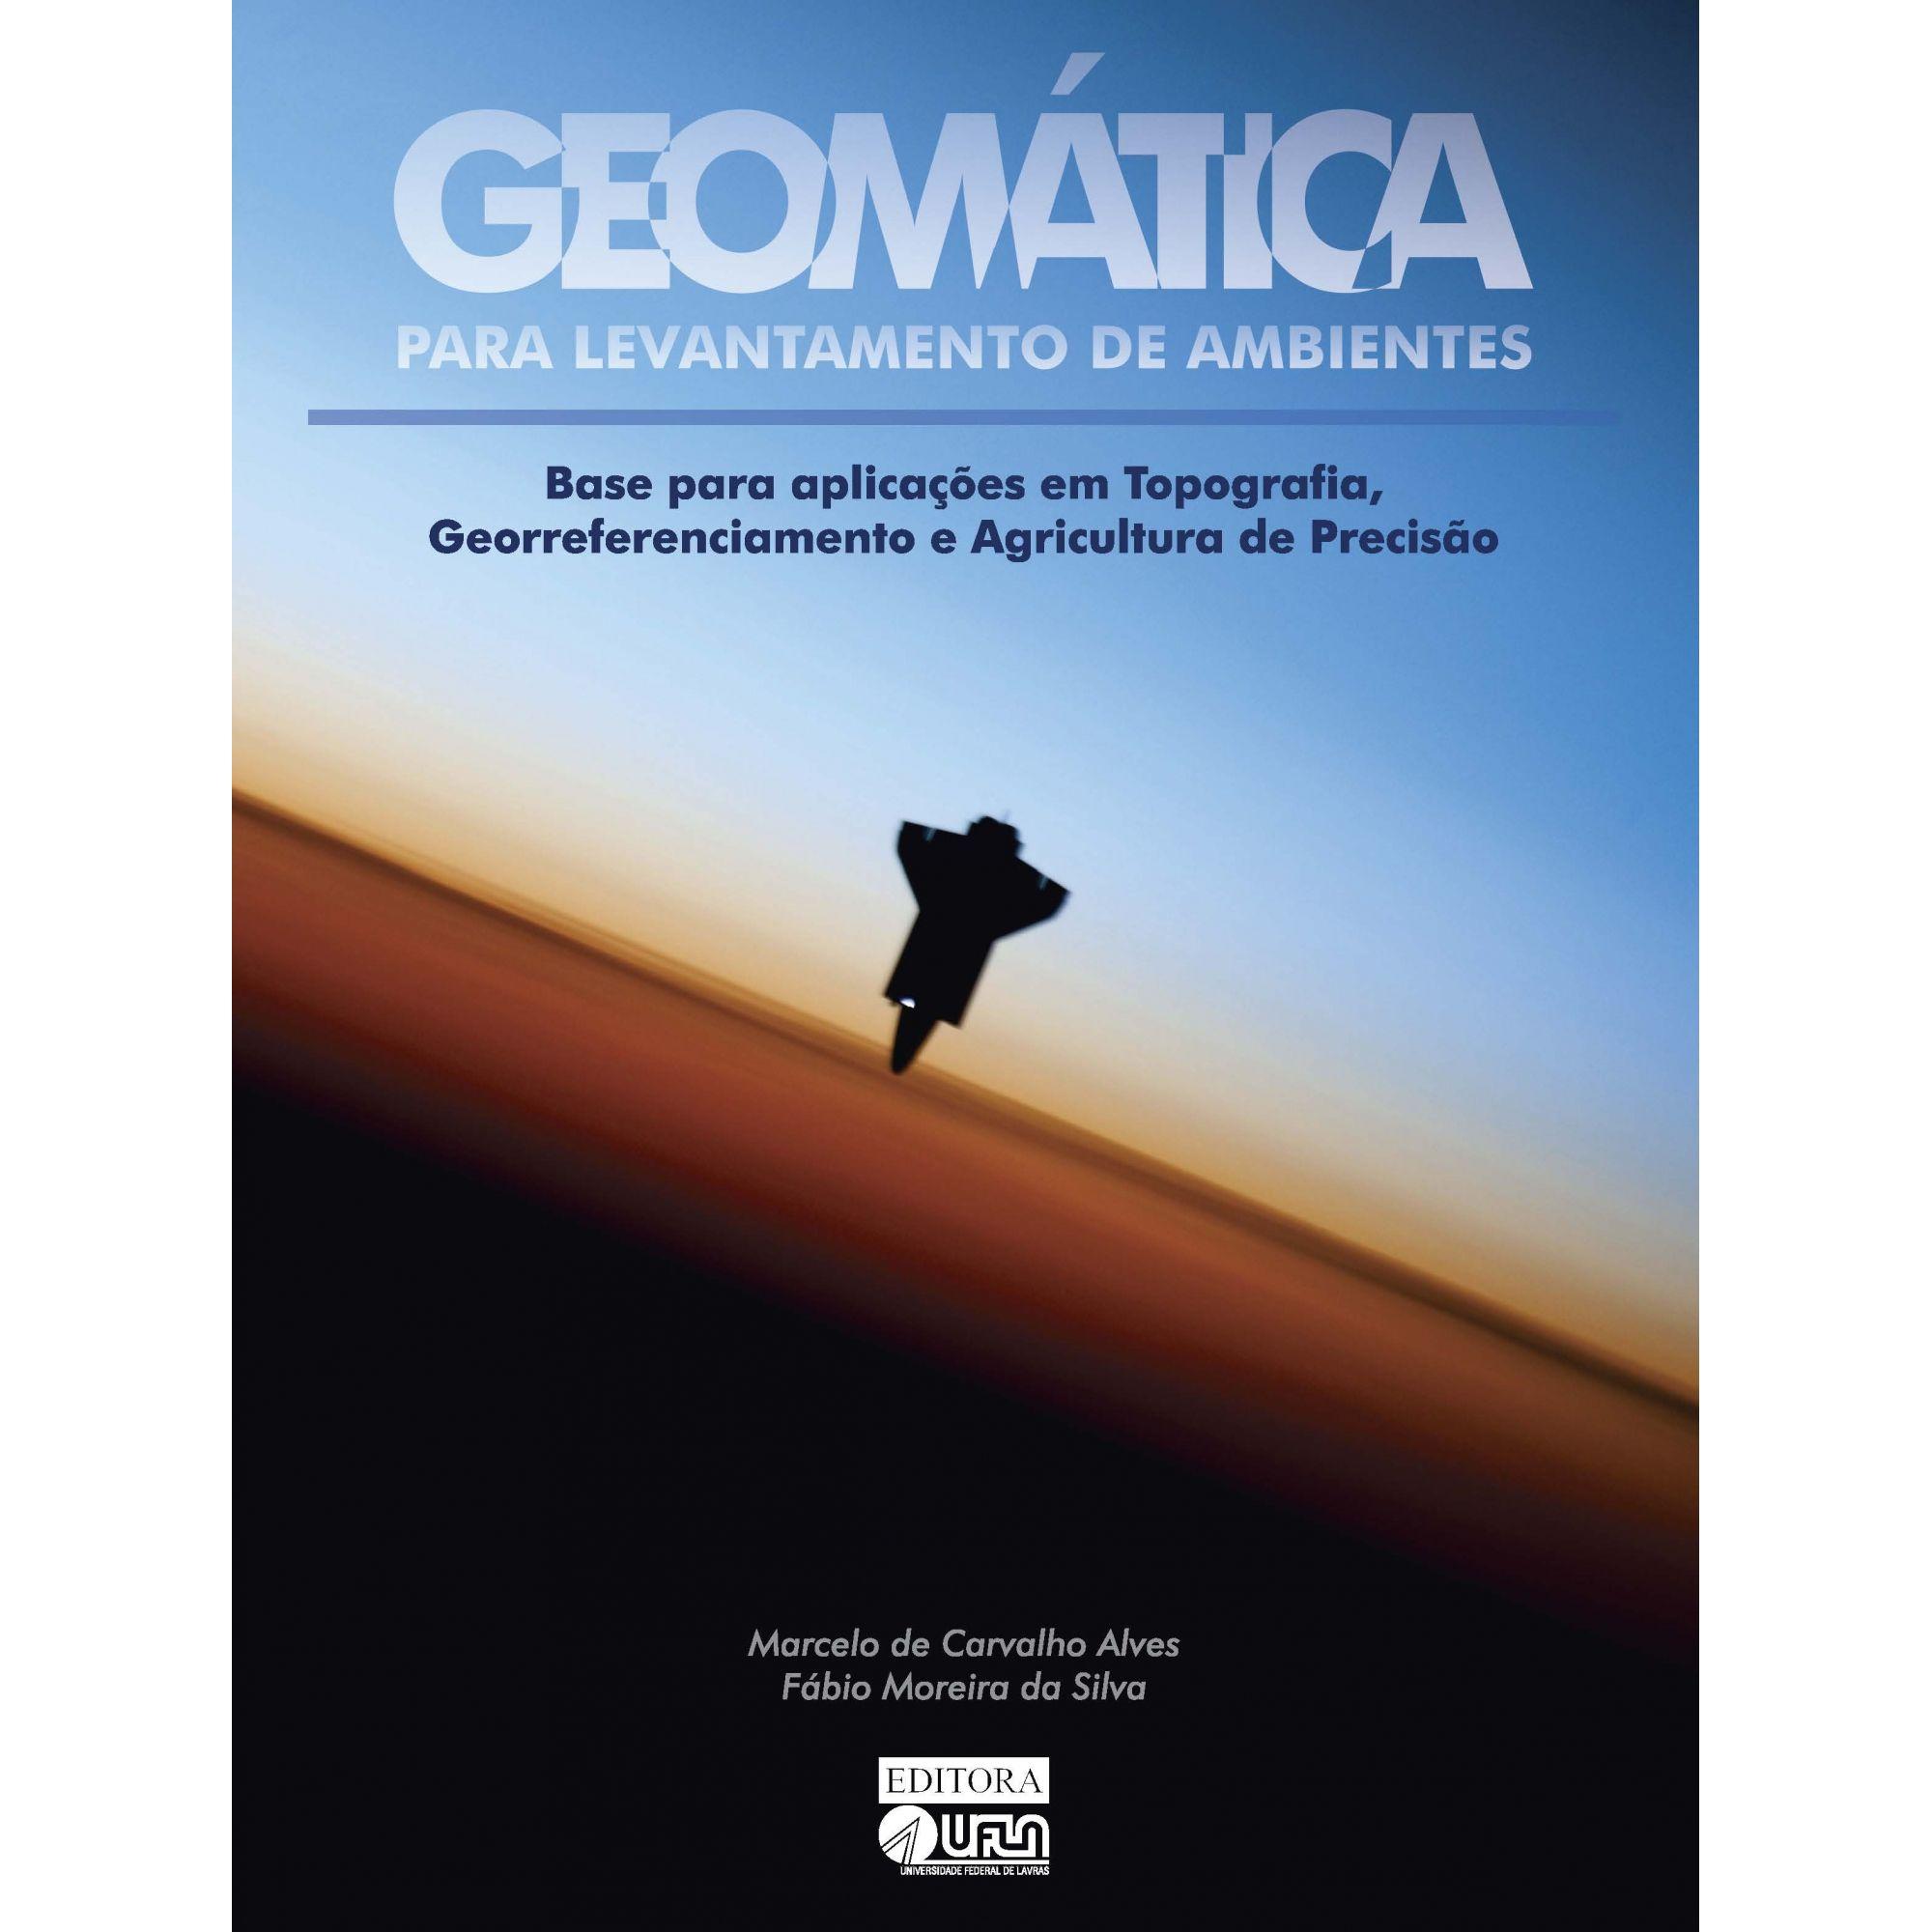 Geomática para Levantamento de Ambientes - Base para Aplicações em Topografia, Georreferenciamento e Agricultura de Precisão